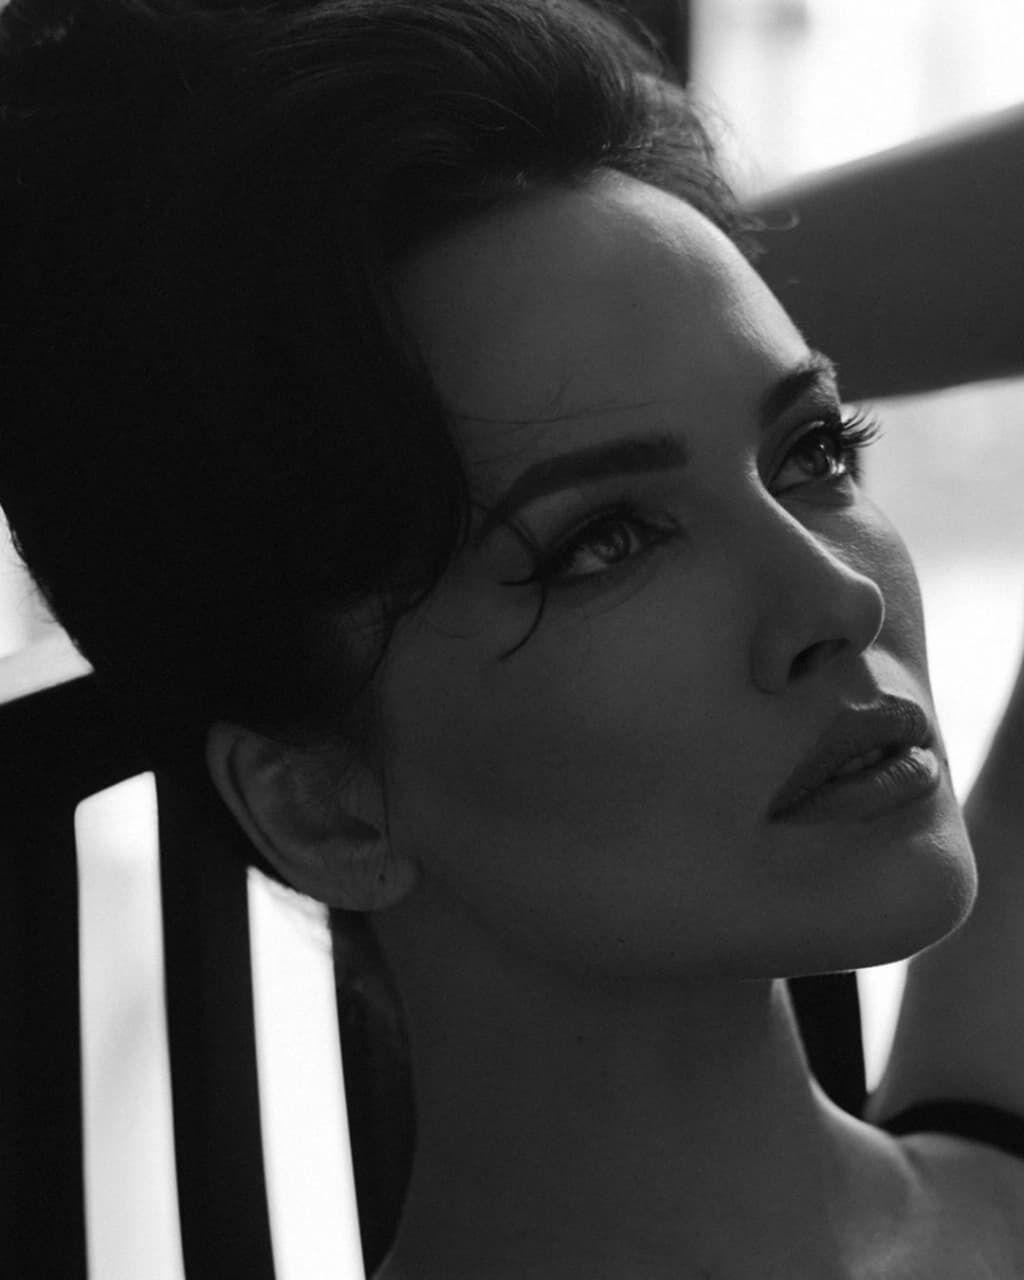 Астафьева поделилась черно-белыми фото.